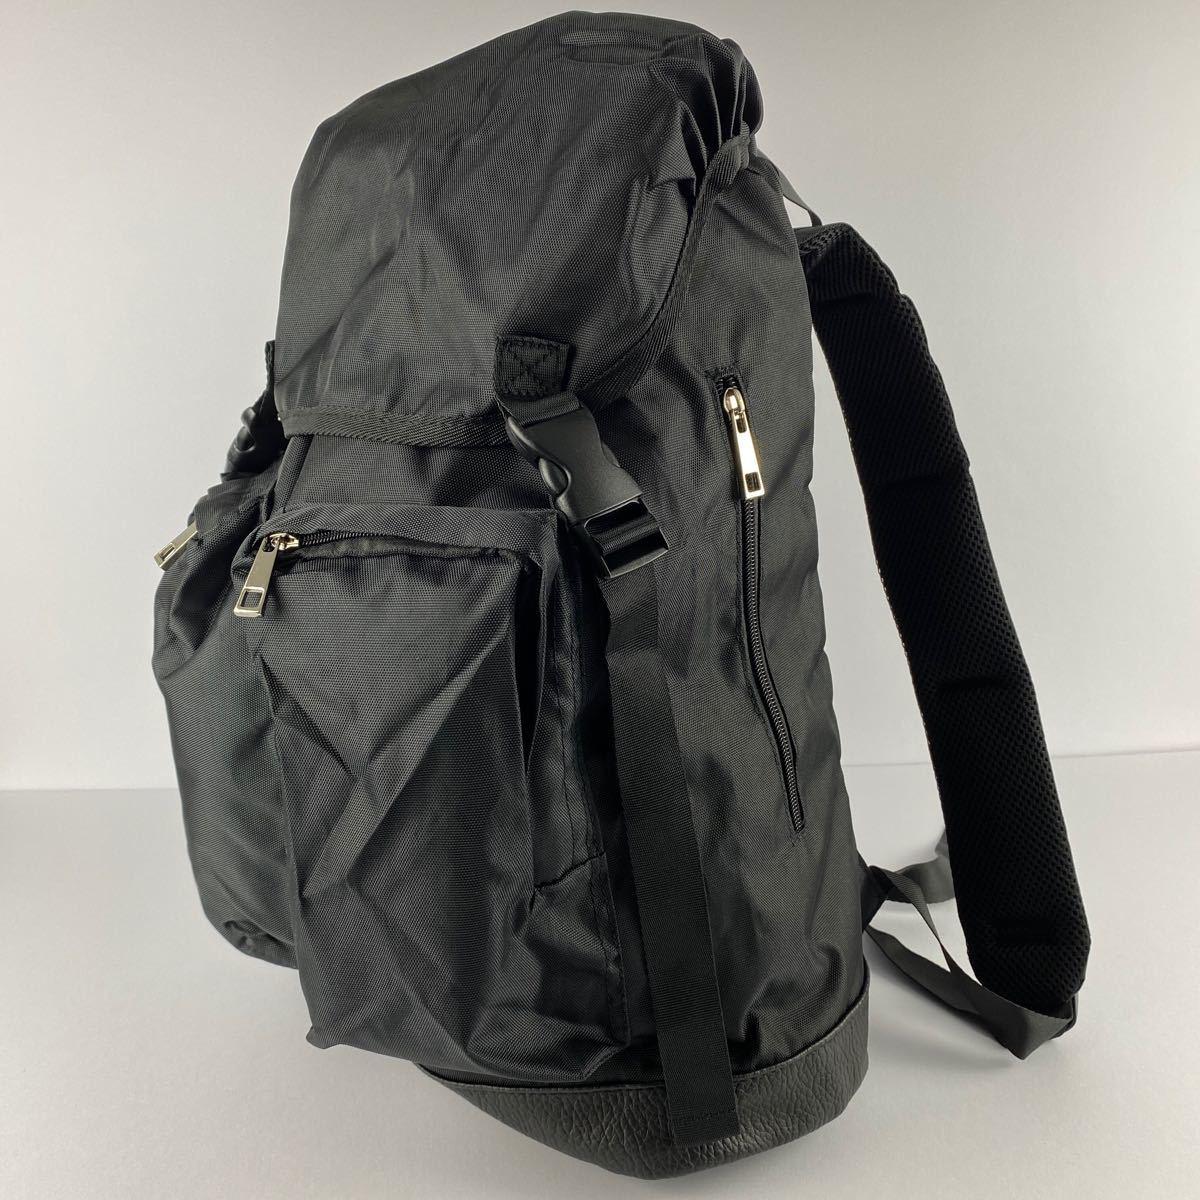 新品 アーバンリサーチ リュック リュックサック バックパック 軽量 ブラック マザーズリュック マザーズバック マザーズバッグ